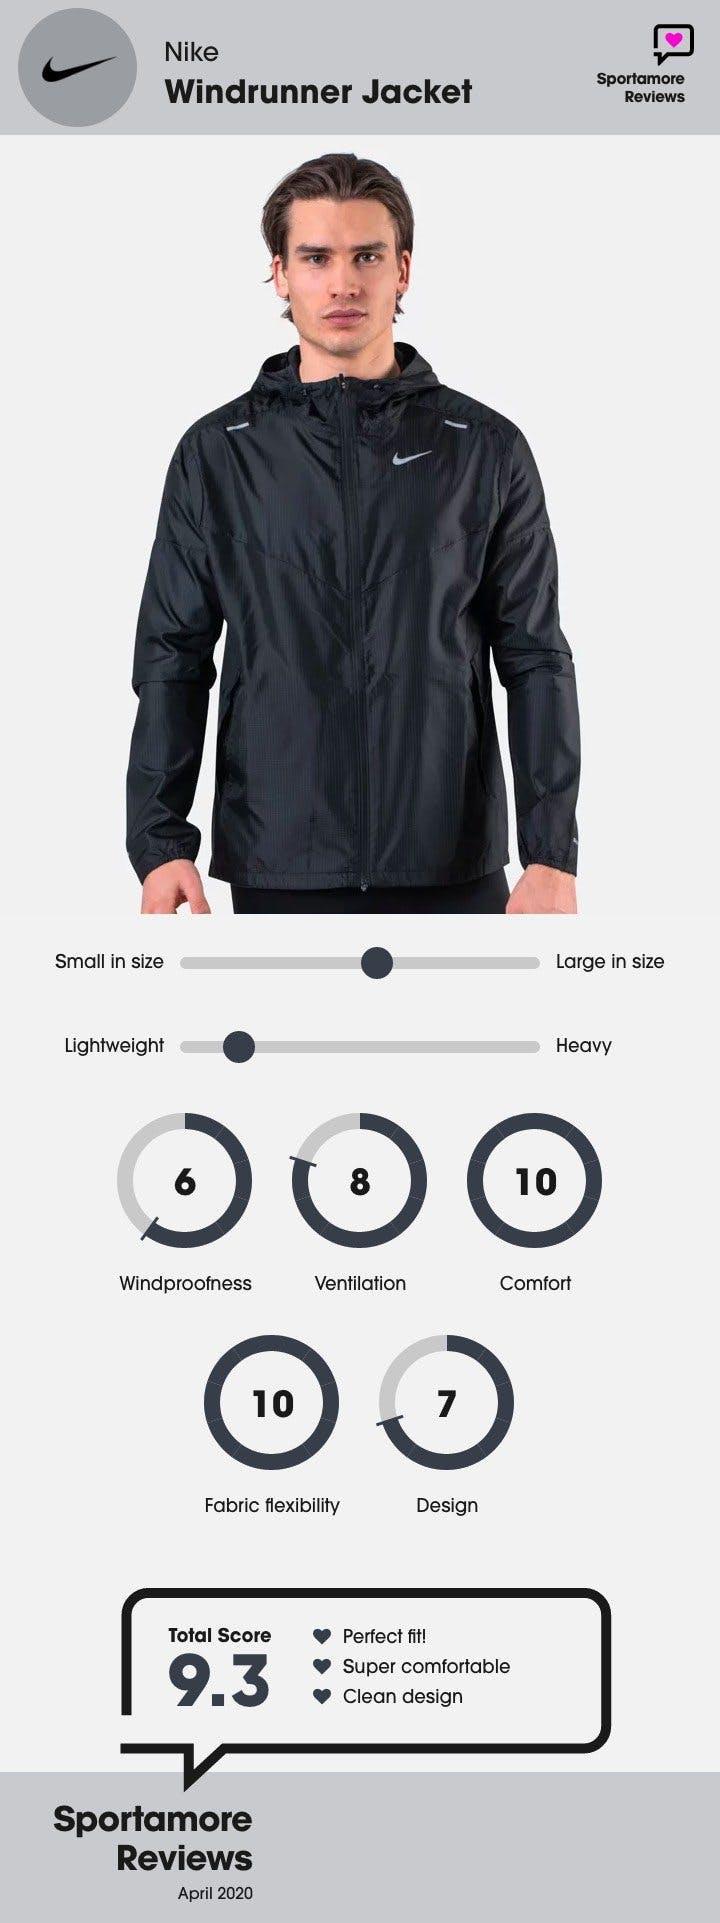 Herr - Nike Windrunner Jacket.jpg